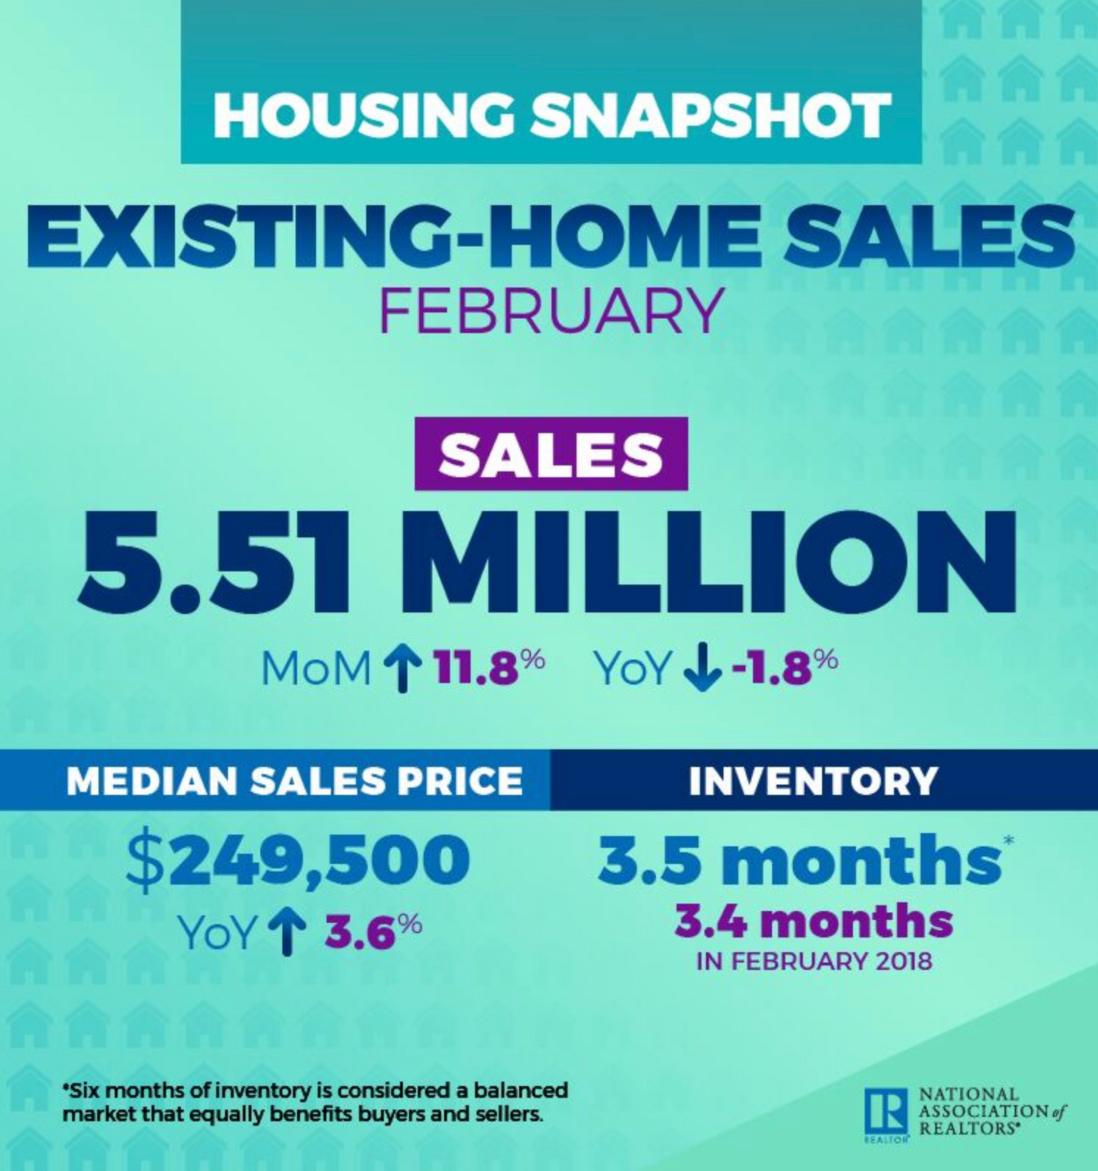 房貸利率降、美國2月成屋銷售創2015年最高升速